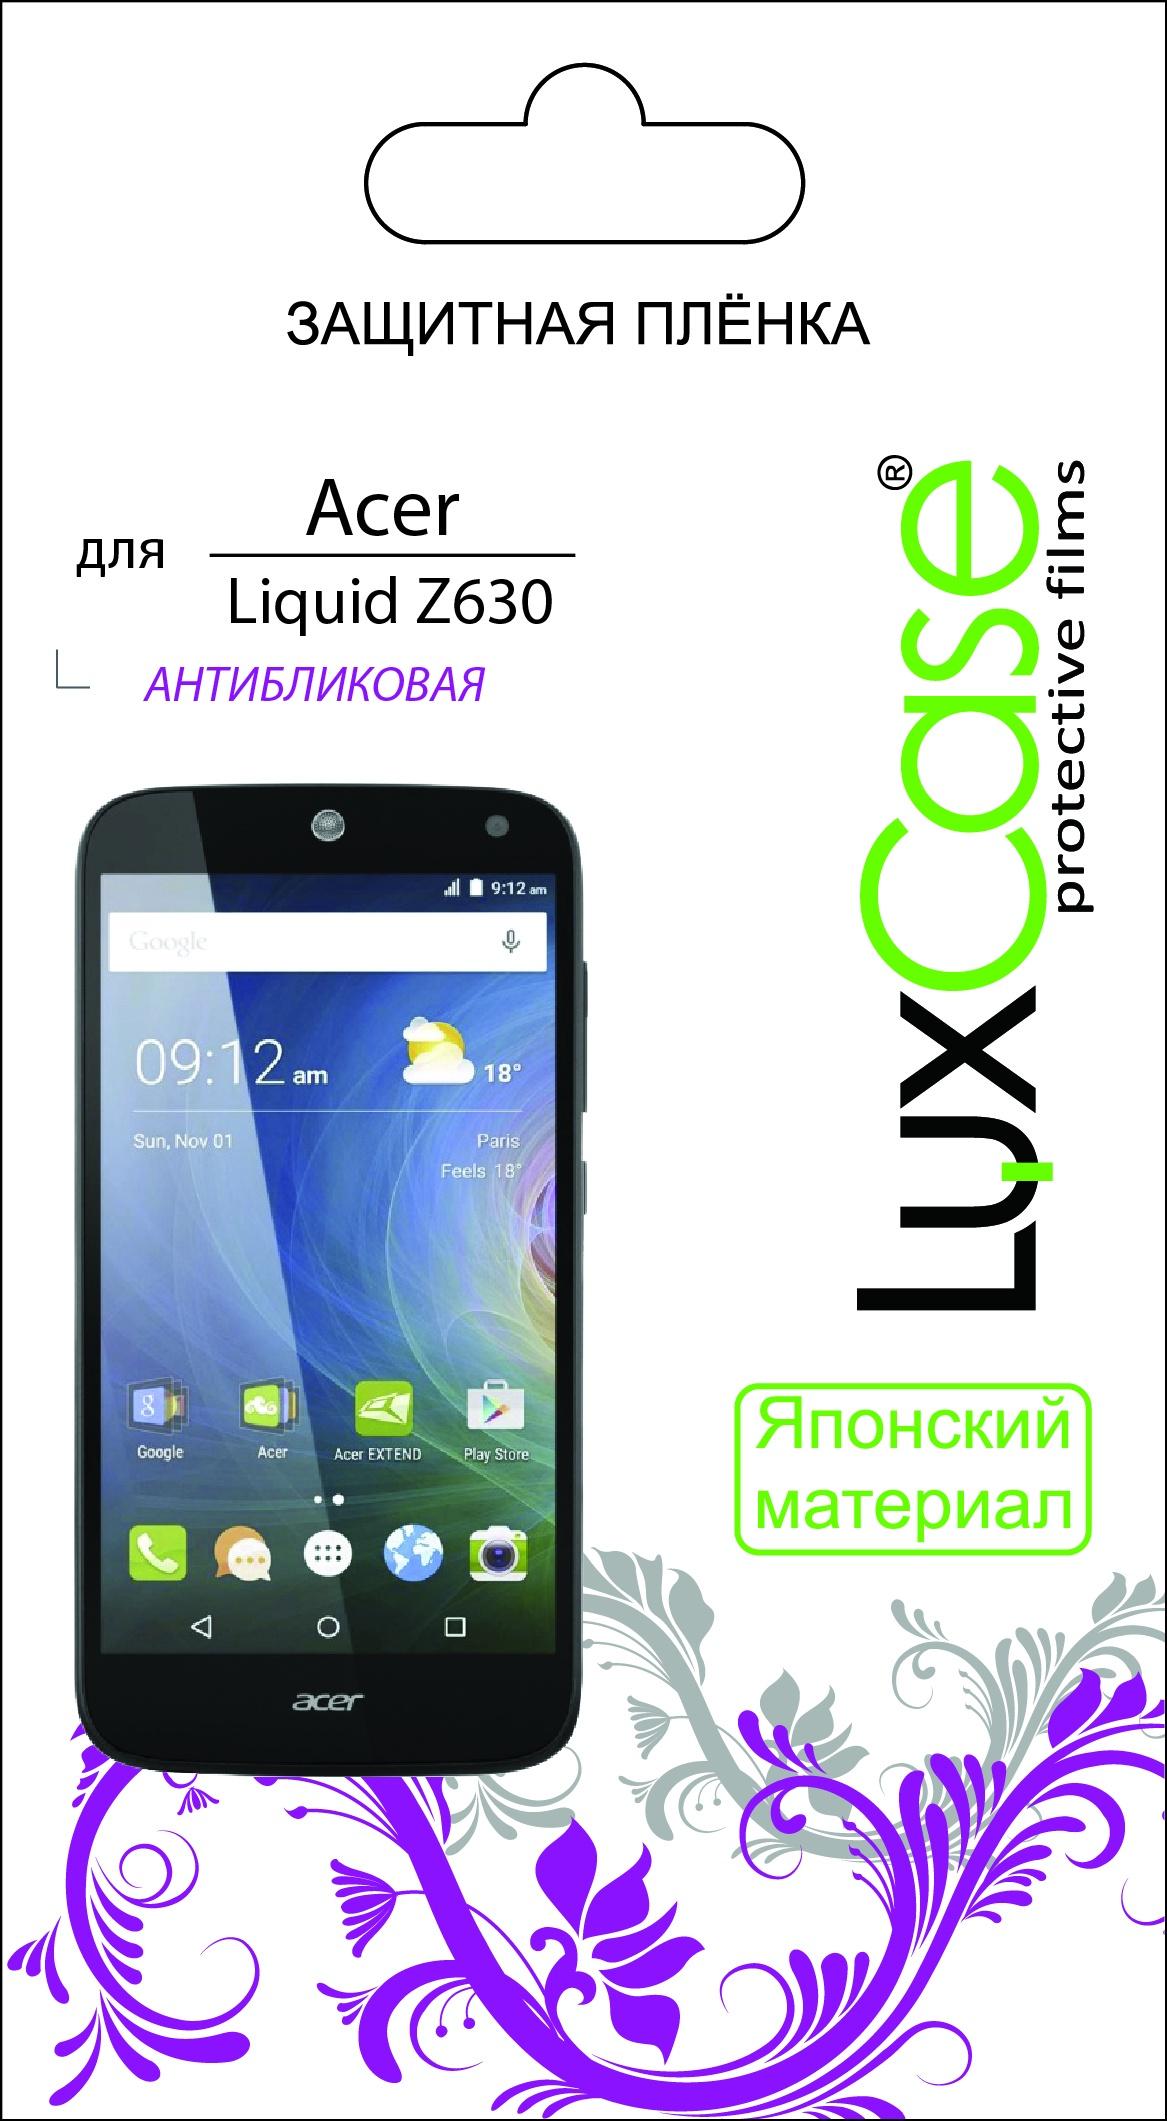 Пленка Acer Liquid Z630 / матовая недорго, оригинальная цена